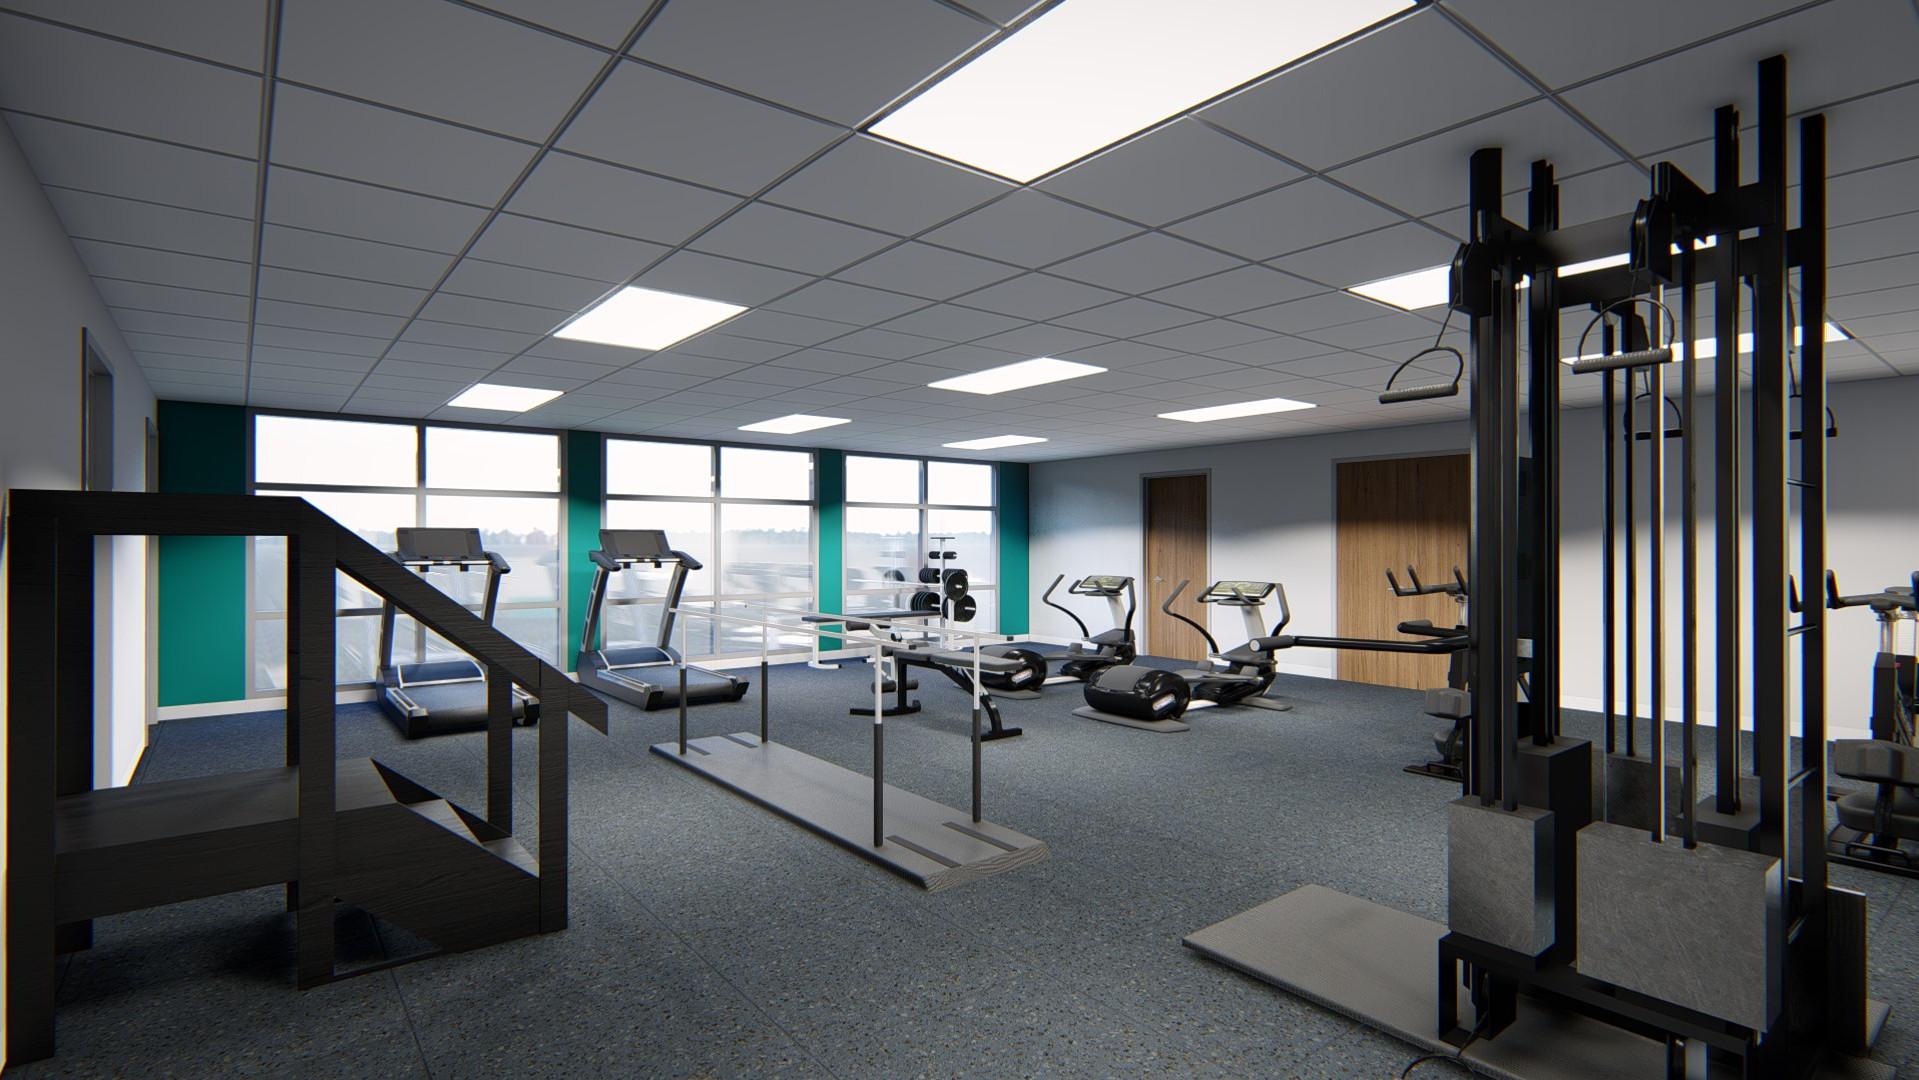 LOW RES_Gym 1.jpg